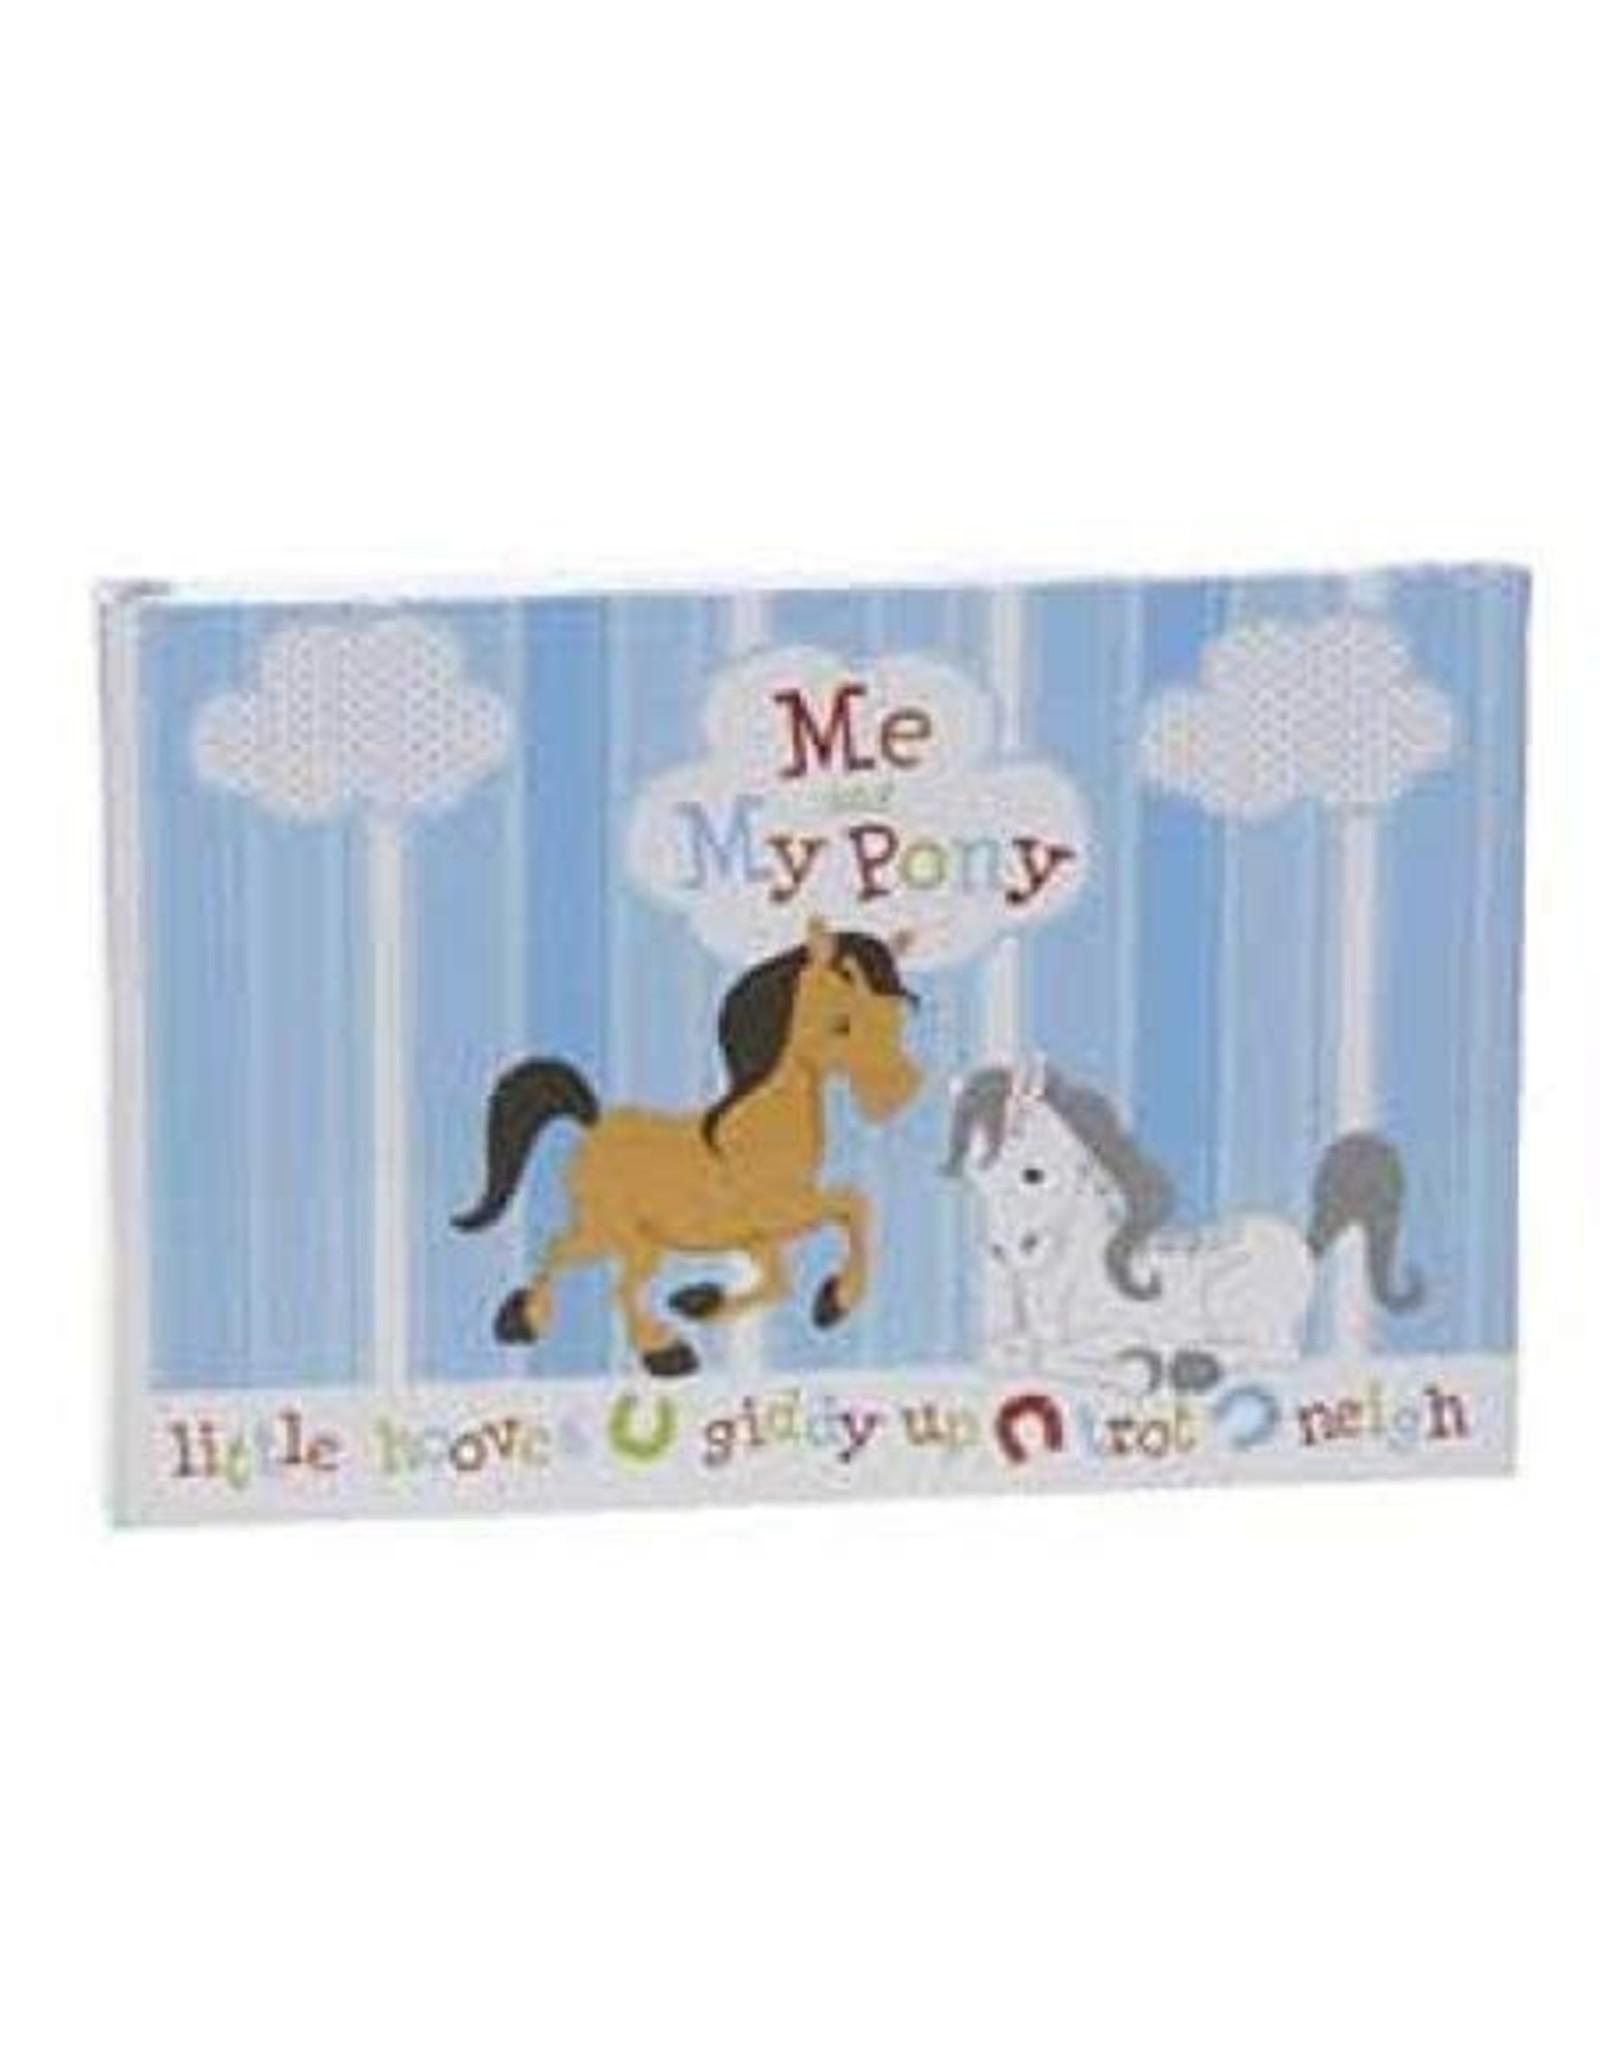 Me & My Pony Photo Memory Book